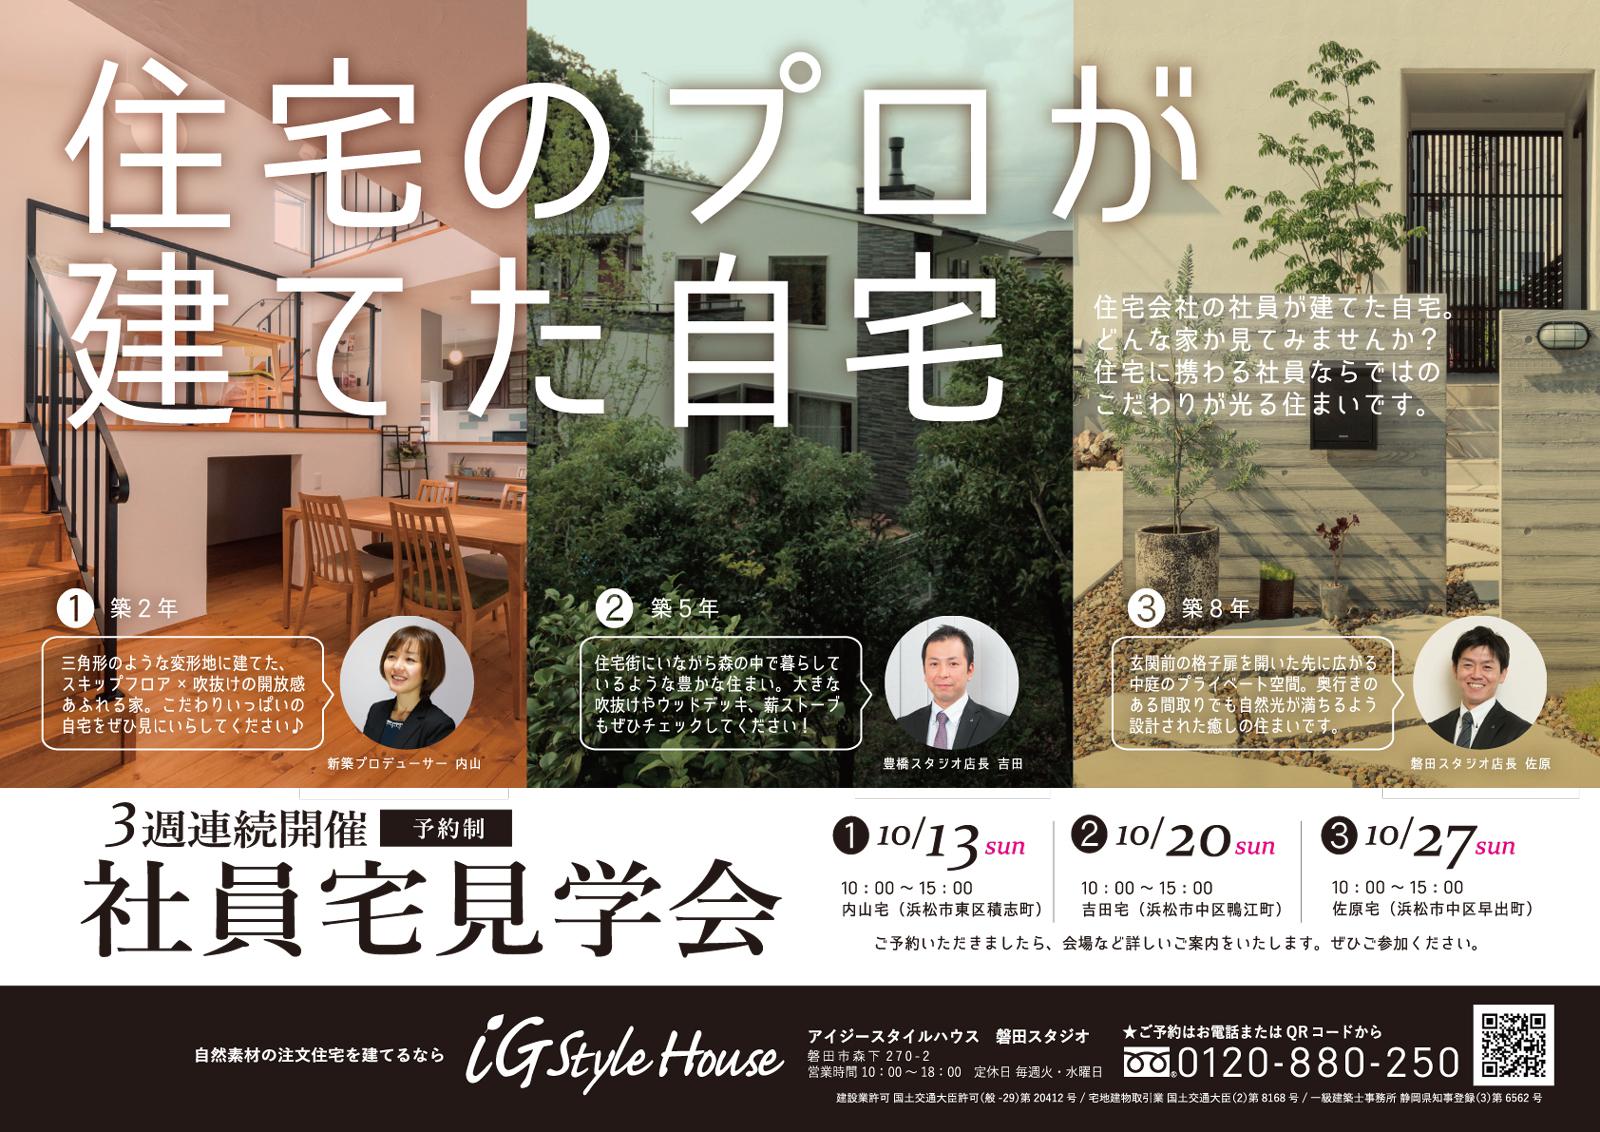 10月13・20・27日 社員宅見学会(磐田)